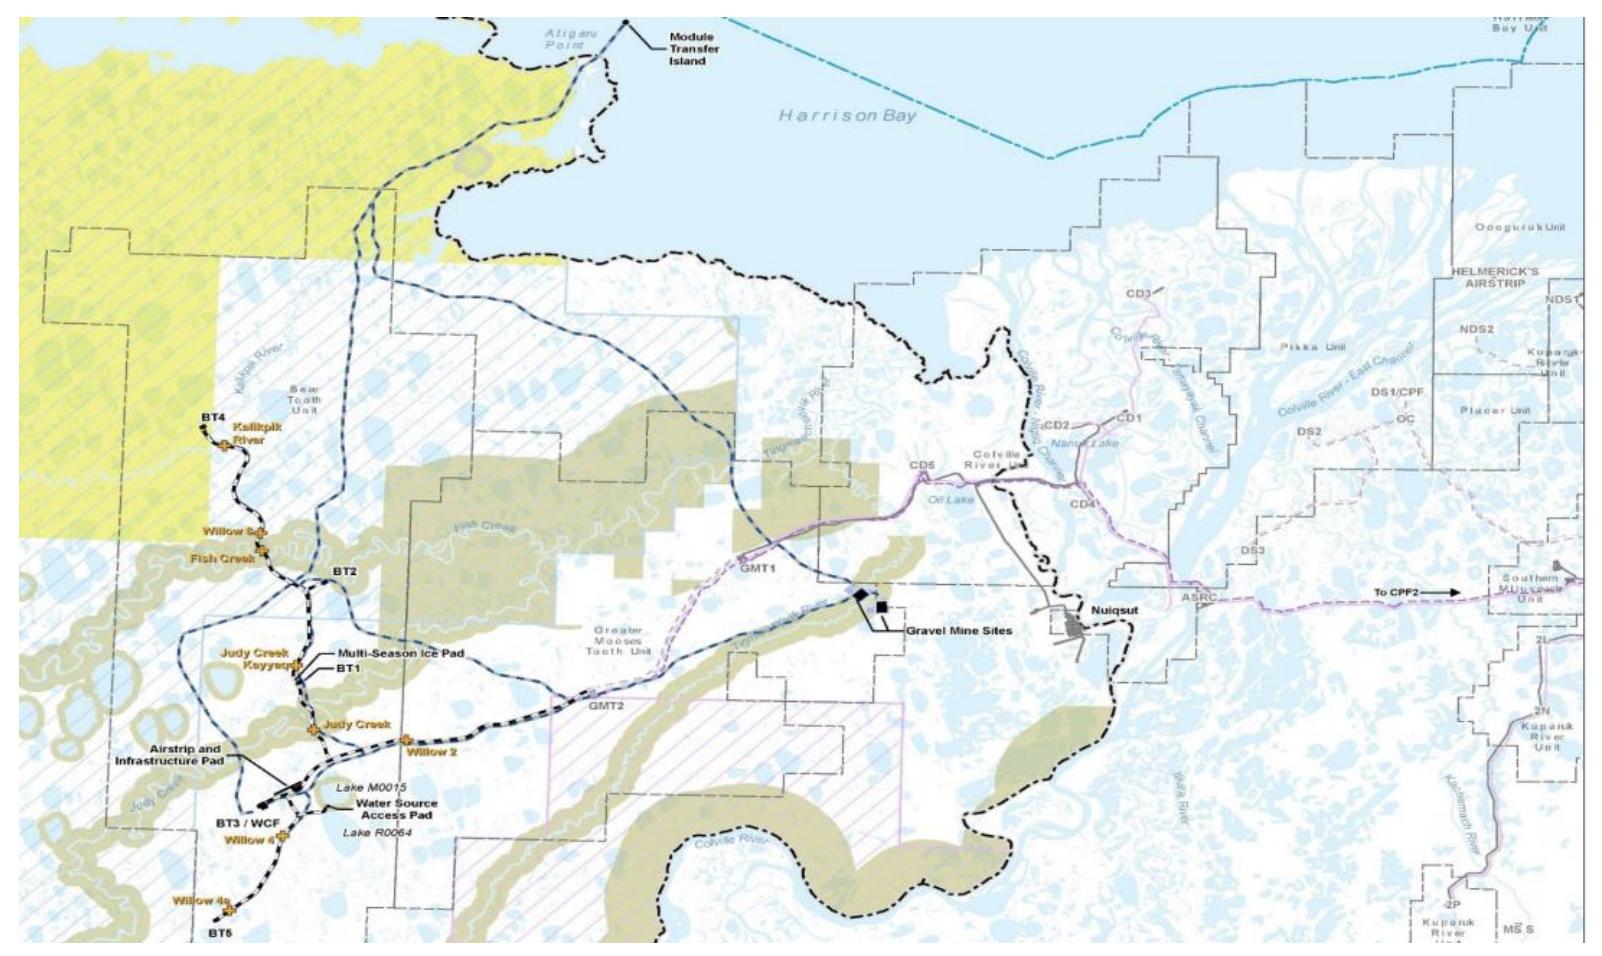 نقشه تولید شده توسط اداره مدیریت سرزمین ، برای EIS Master Development Plan EIS.  (منبع: ConocoPhillips Co.)